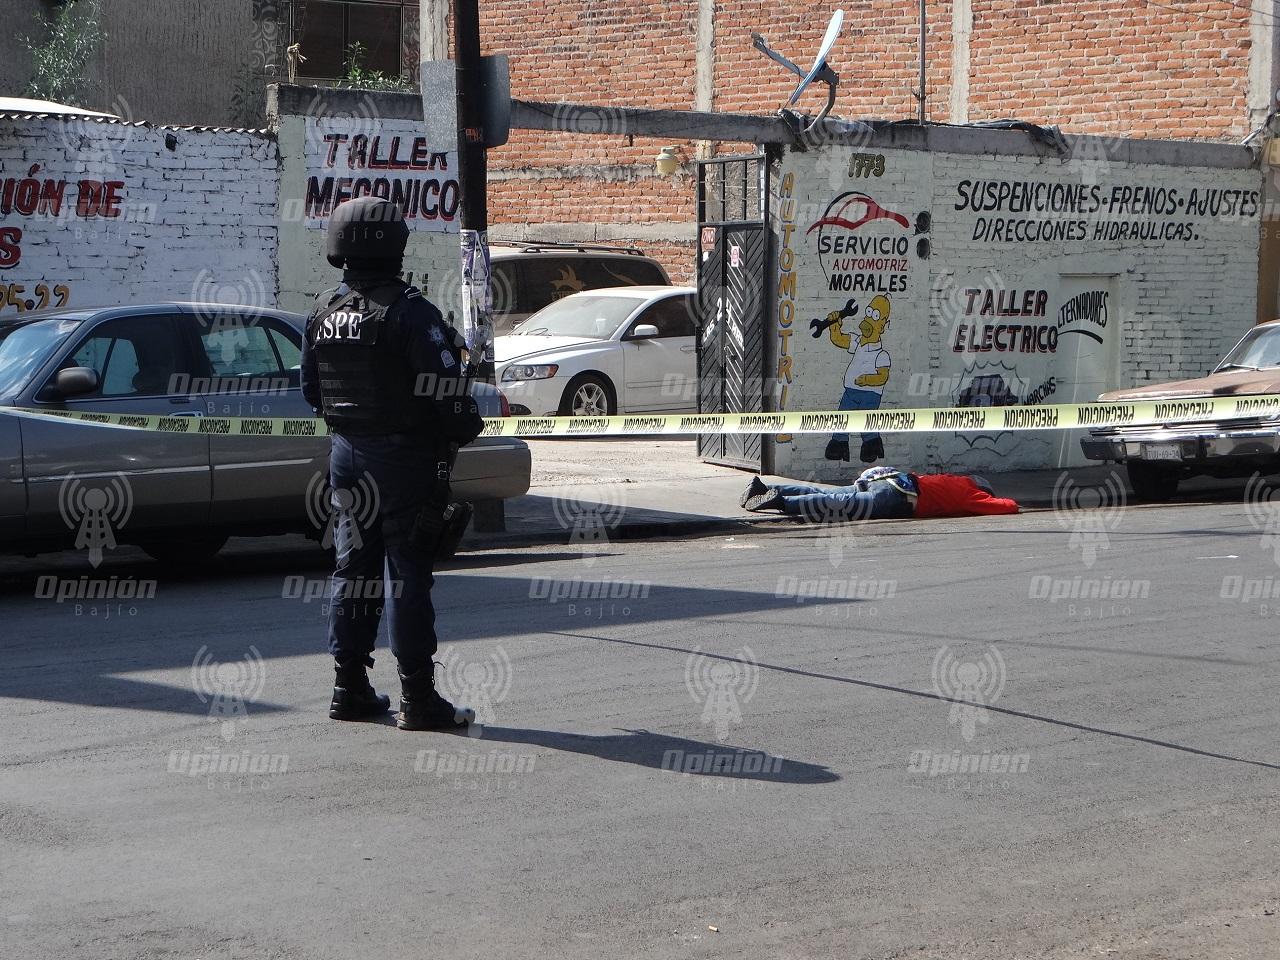 Asesinan a mecánico frente a mercado público de la calle Oaxaca